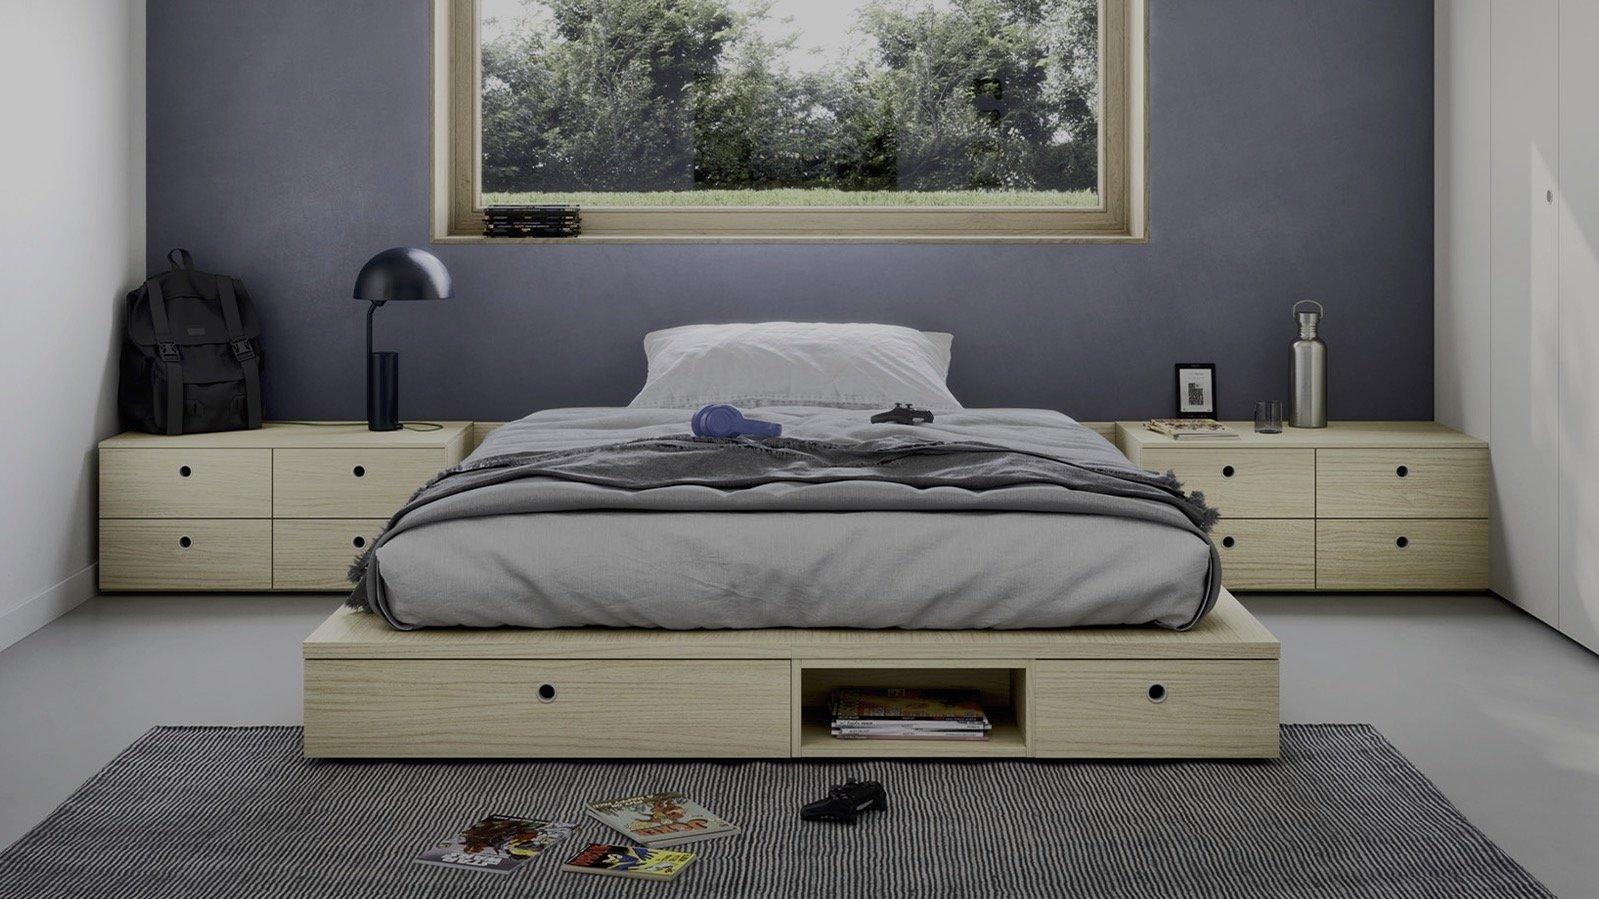 REGOLI BEDS